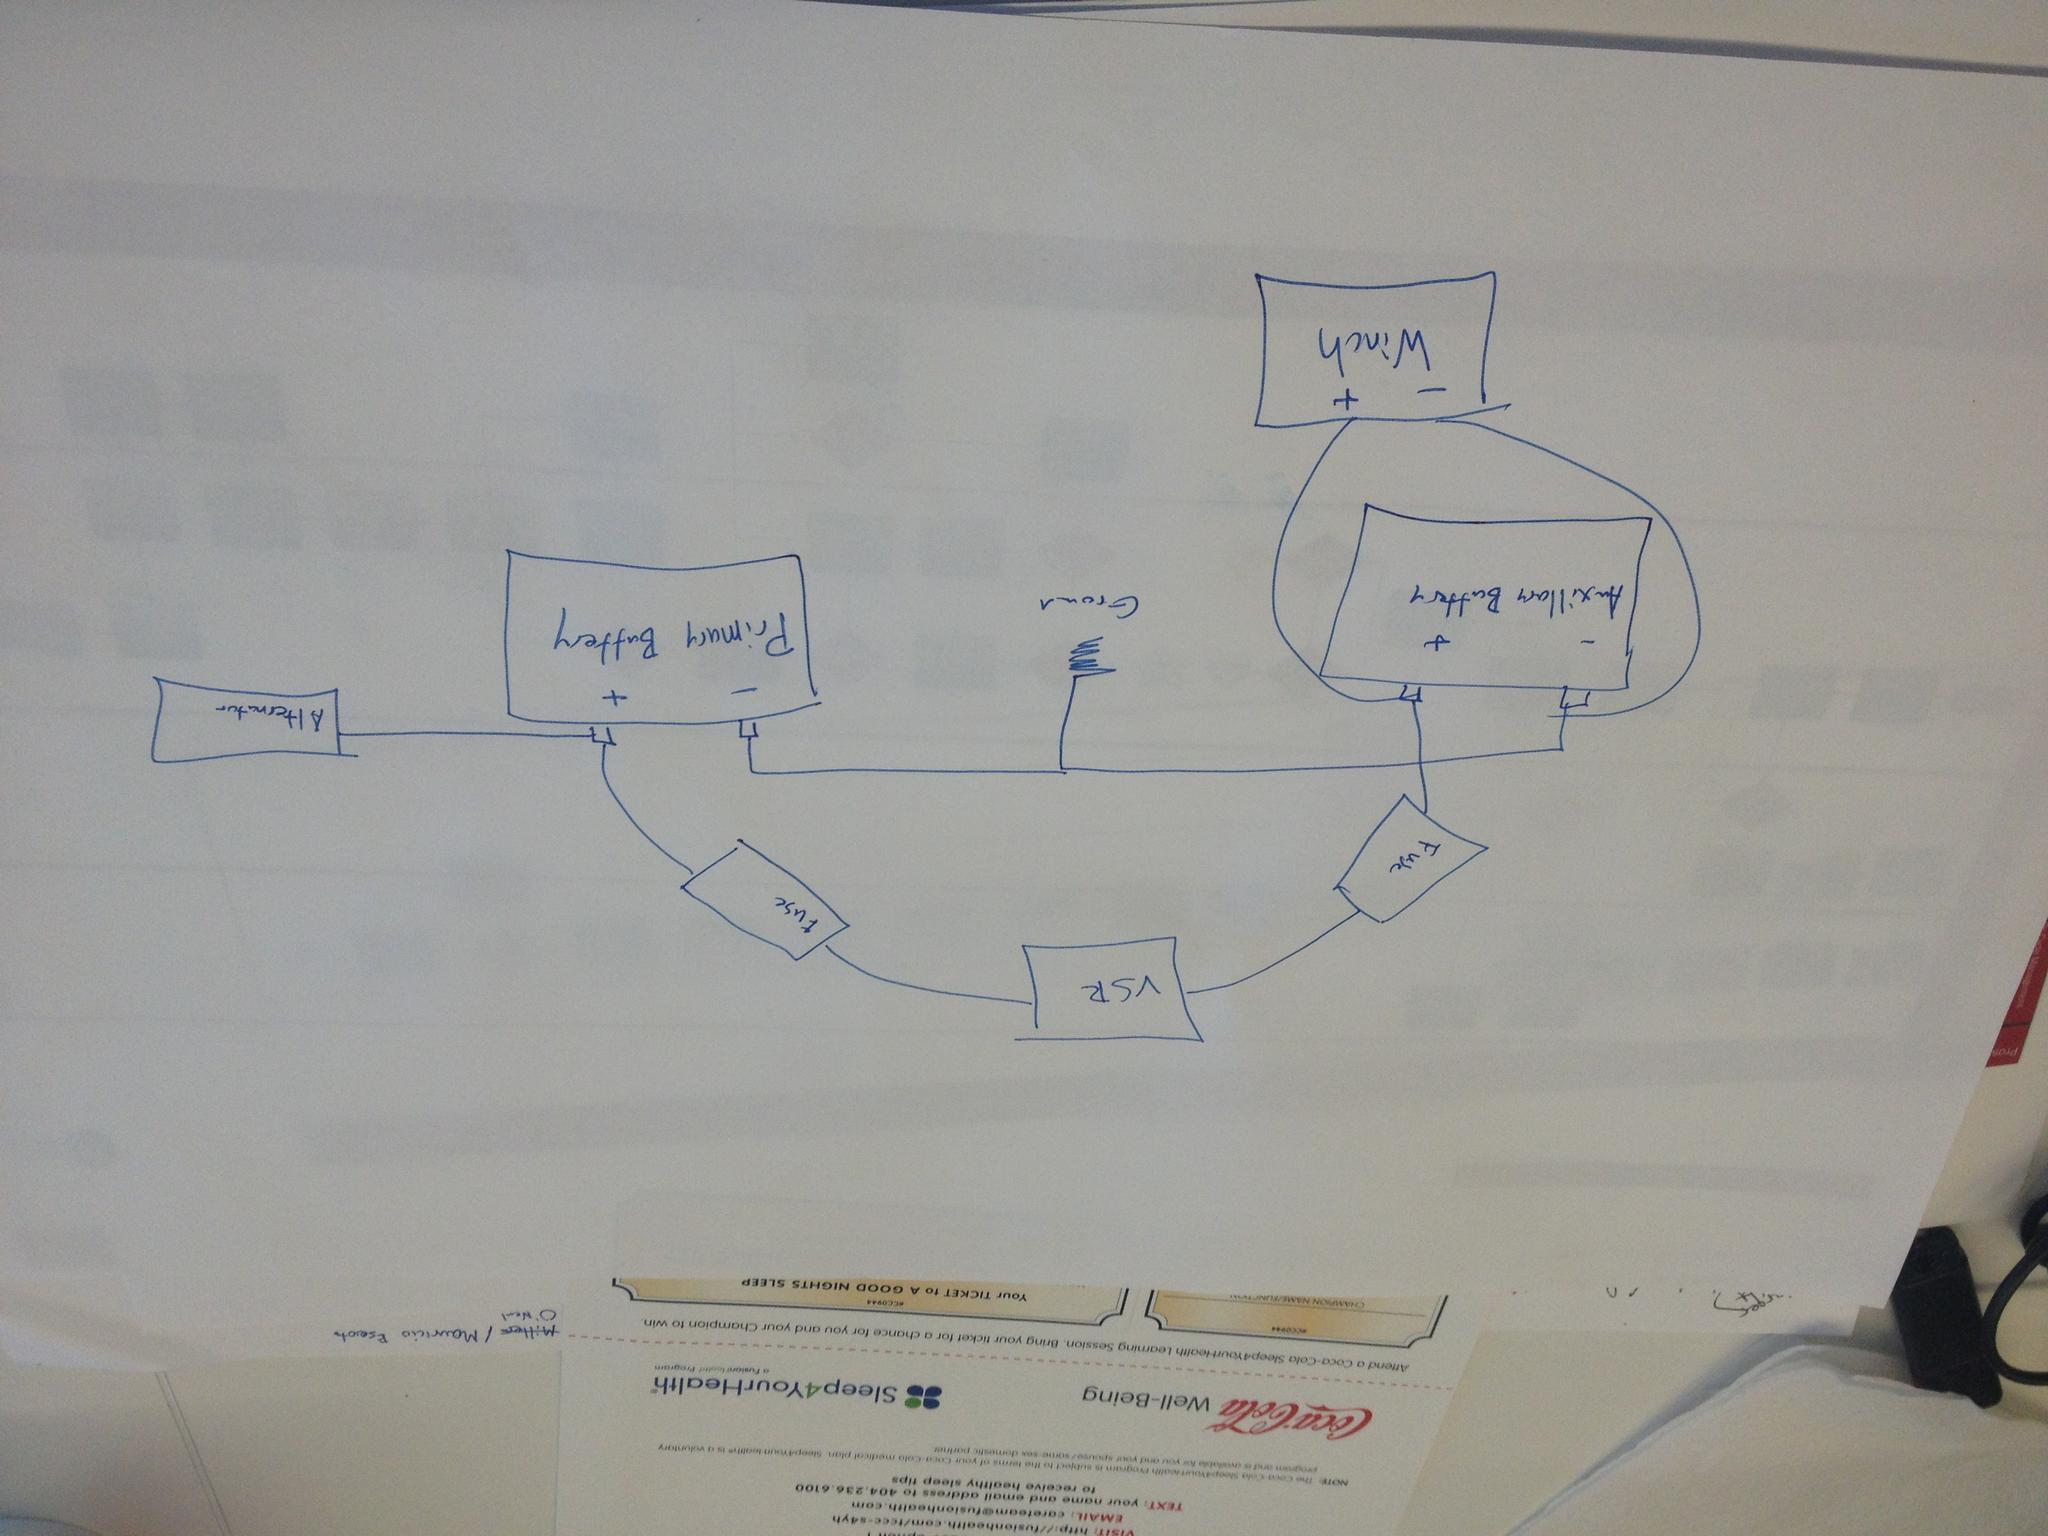 Toyota Mr2 Radio Wiring Diagram Free Online Image Schematic Wiring